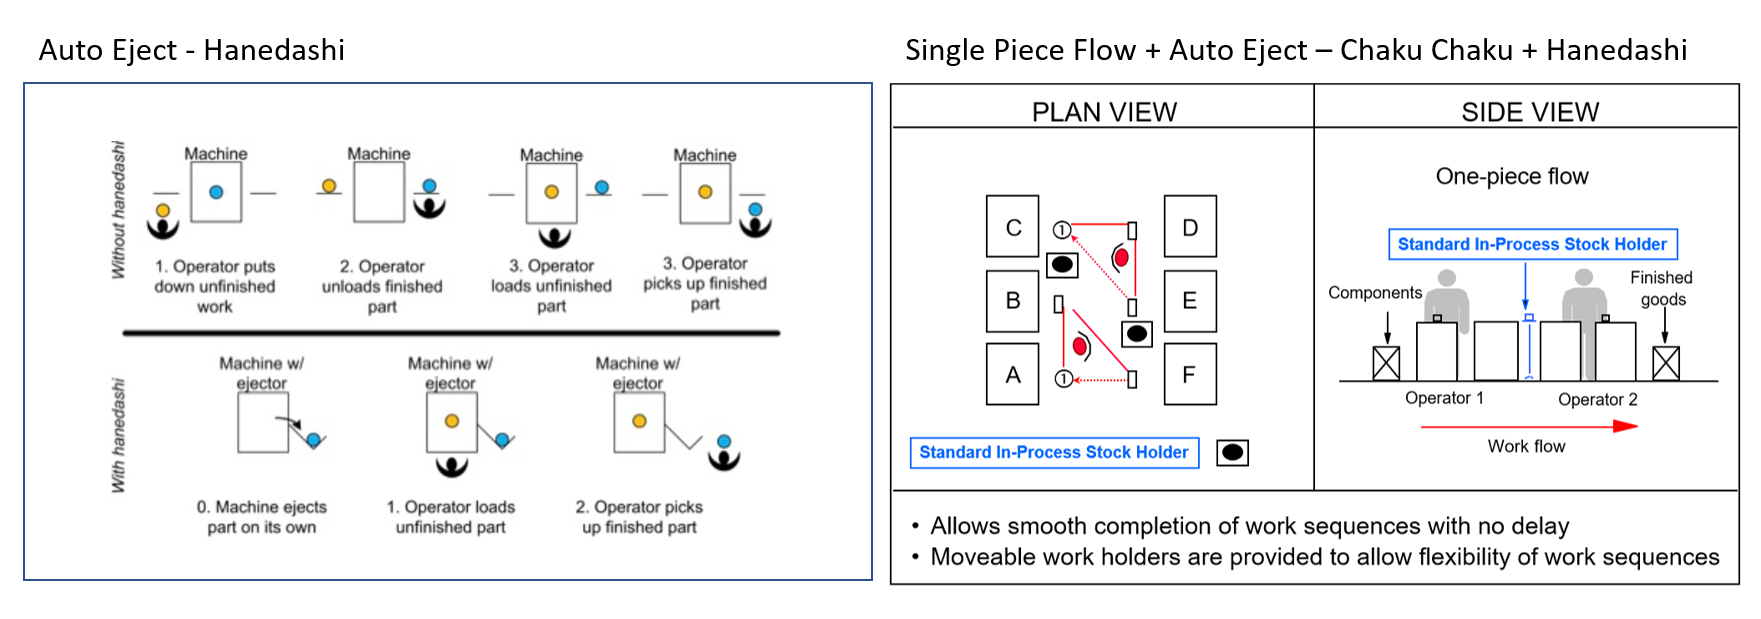 Single Piece Flow - Chaku Chaku